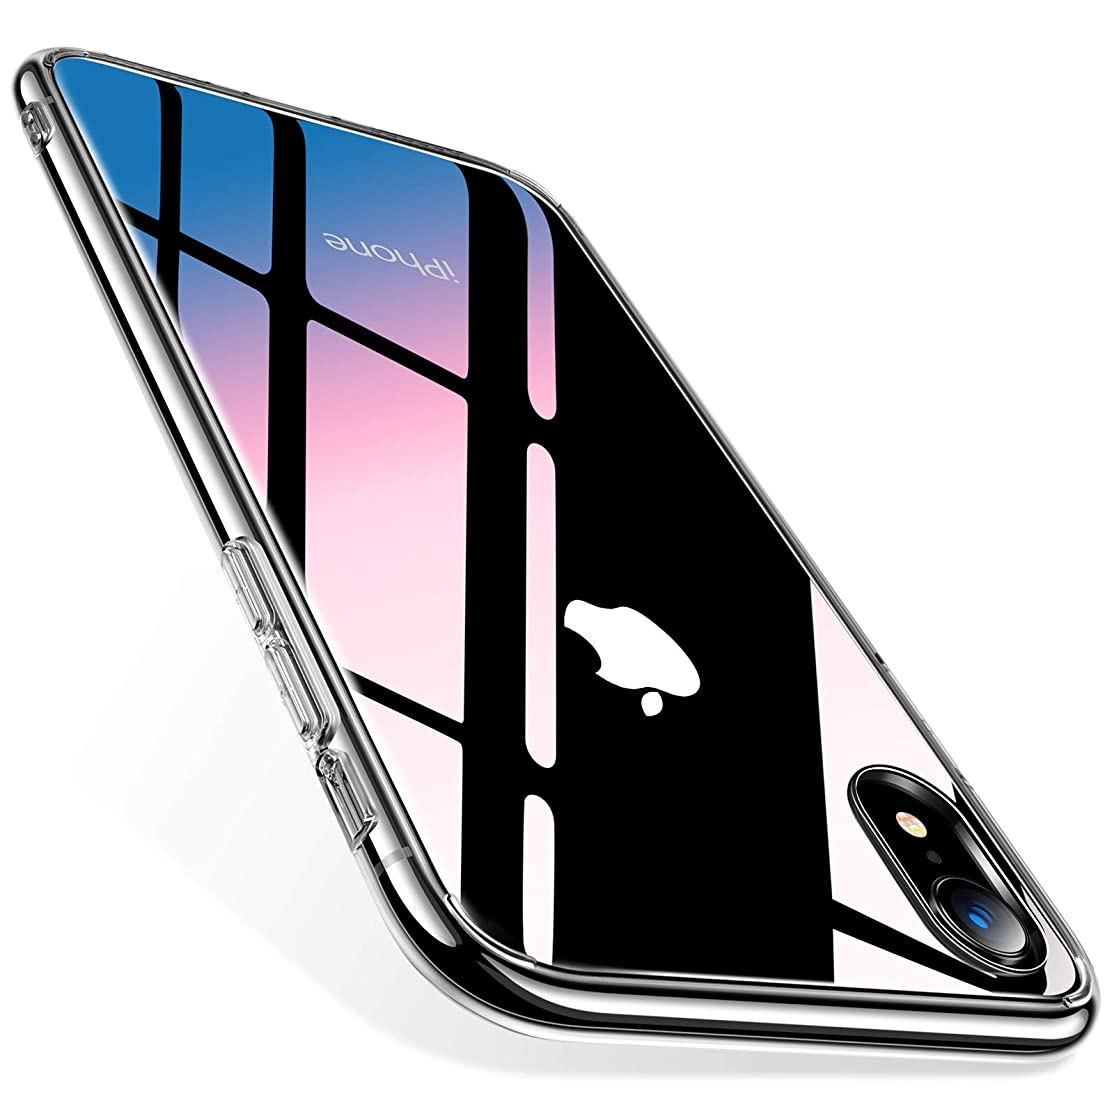 TORRAS iPhone XR ケース ガラス背面9H硬度+TPUバンパー 透明 日本旭硝子製 ストラップホール付き(クリア)